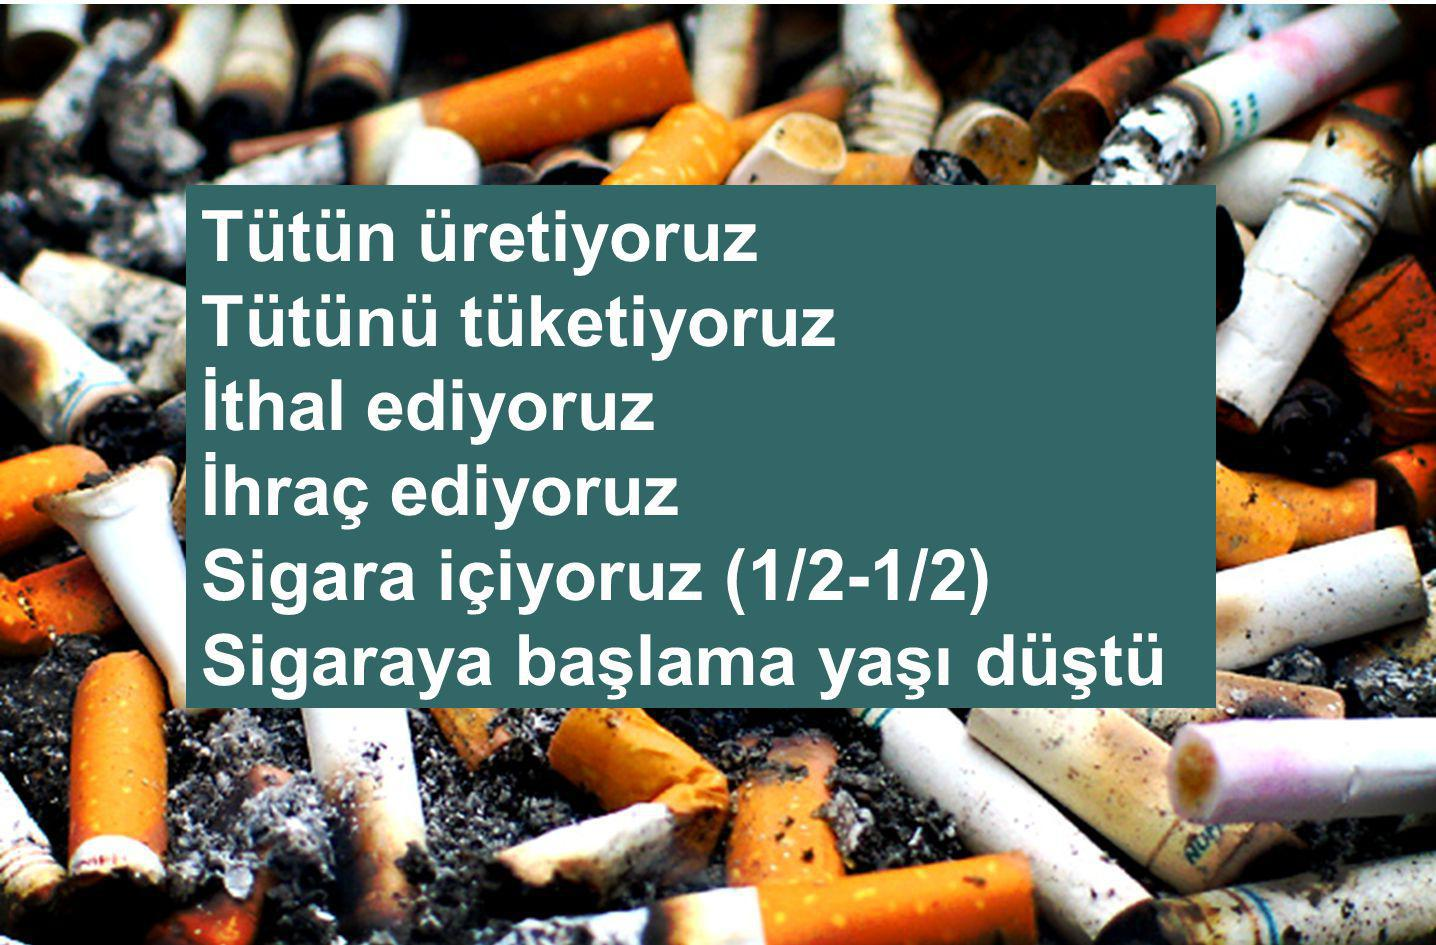 HEDEF  2010 yılına kadar toplumda sigara bırakma oranını % 40'ın üzerine çıkarmak  2008 yılı sonuna kadar sağlık çalışanında bırakma oranlarını %50'nin üzerine çıkarmak Sigara bırakma yaklaşımında bulunmak iyi hekimlik uygulamalarının bütünlüğü içinde yer almalı